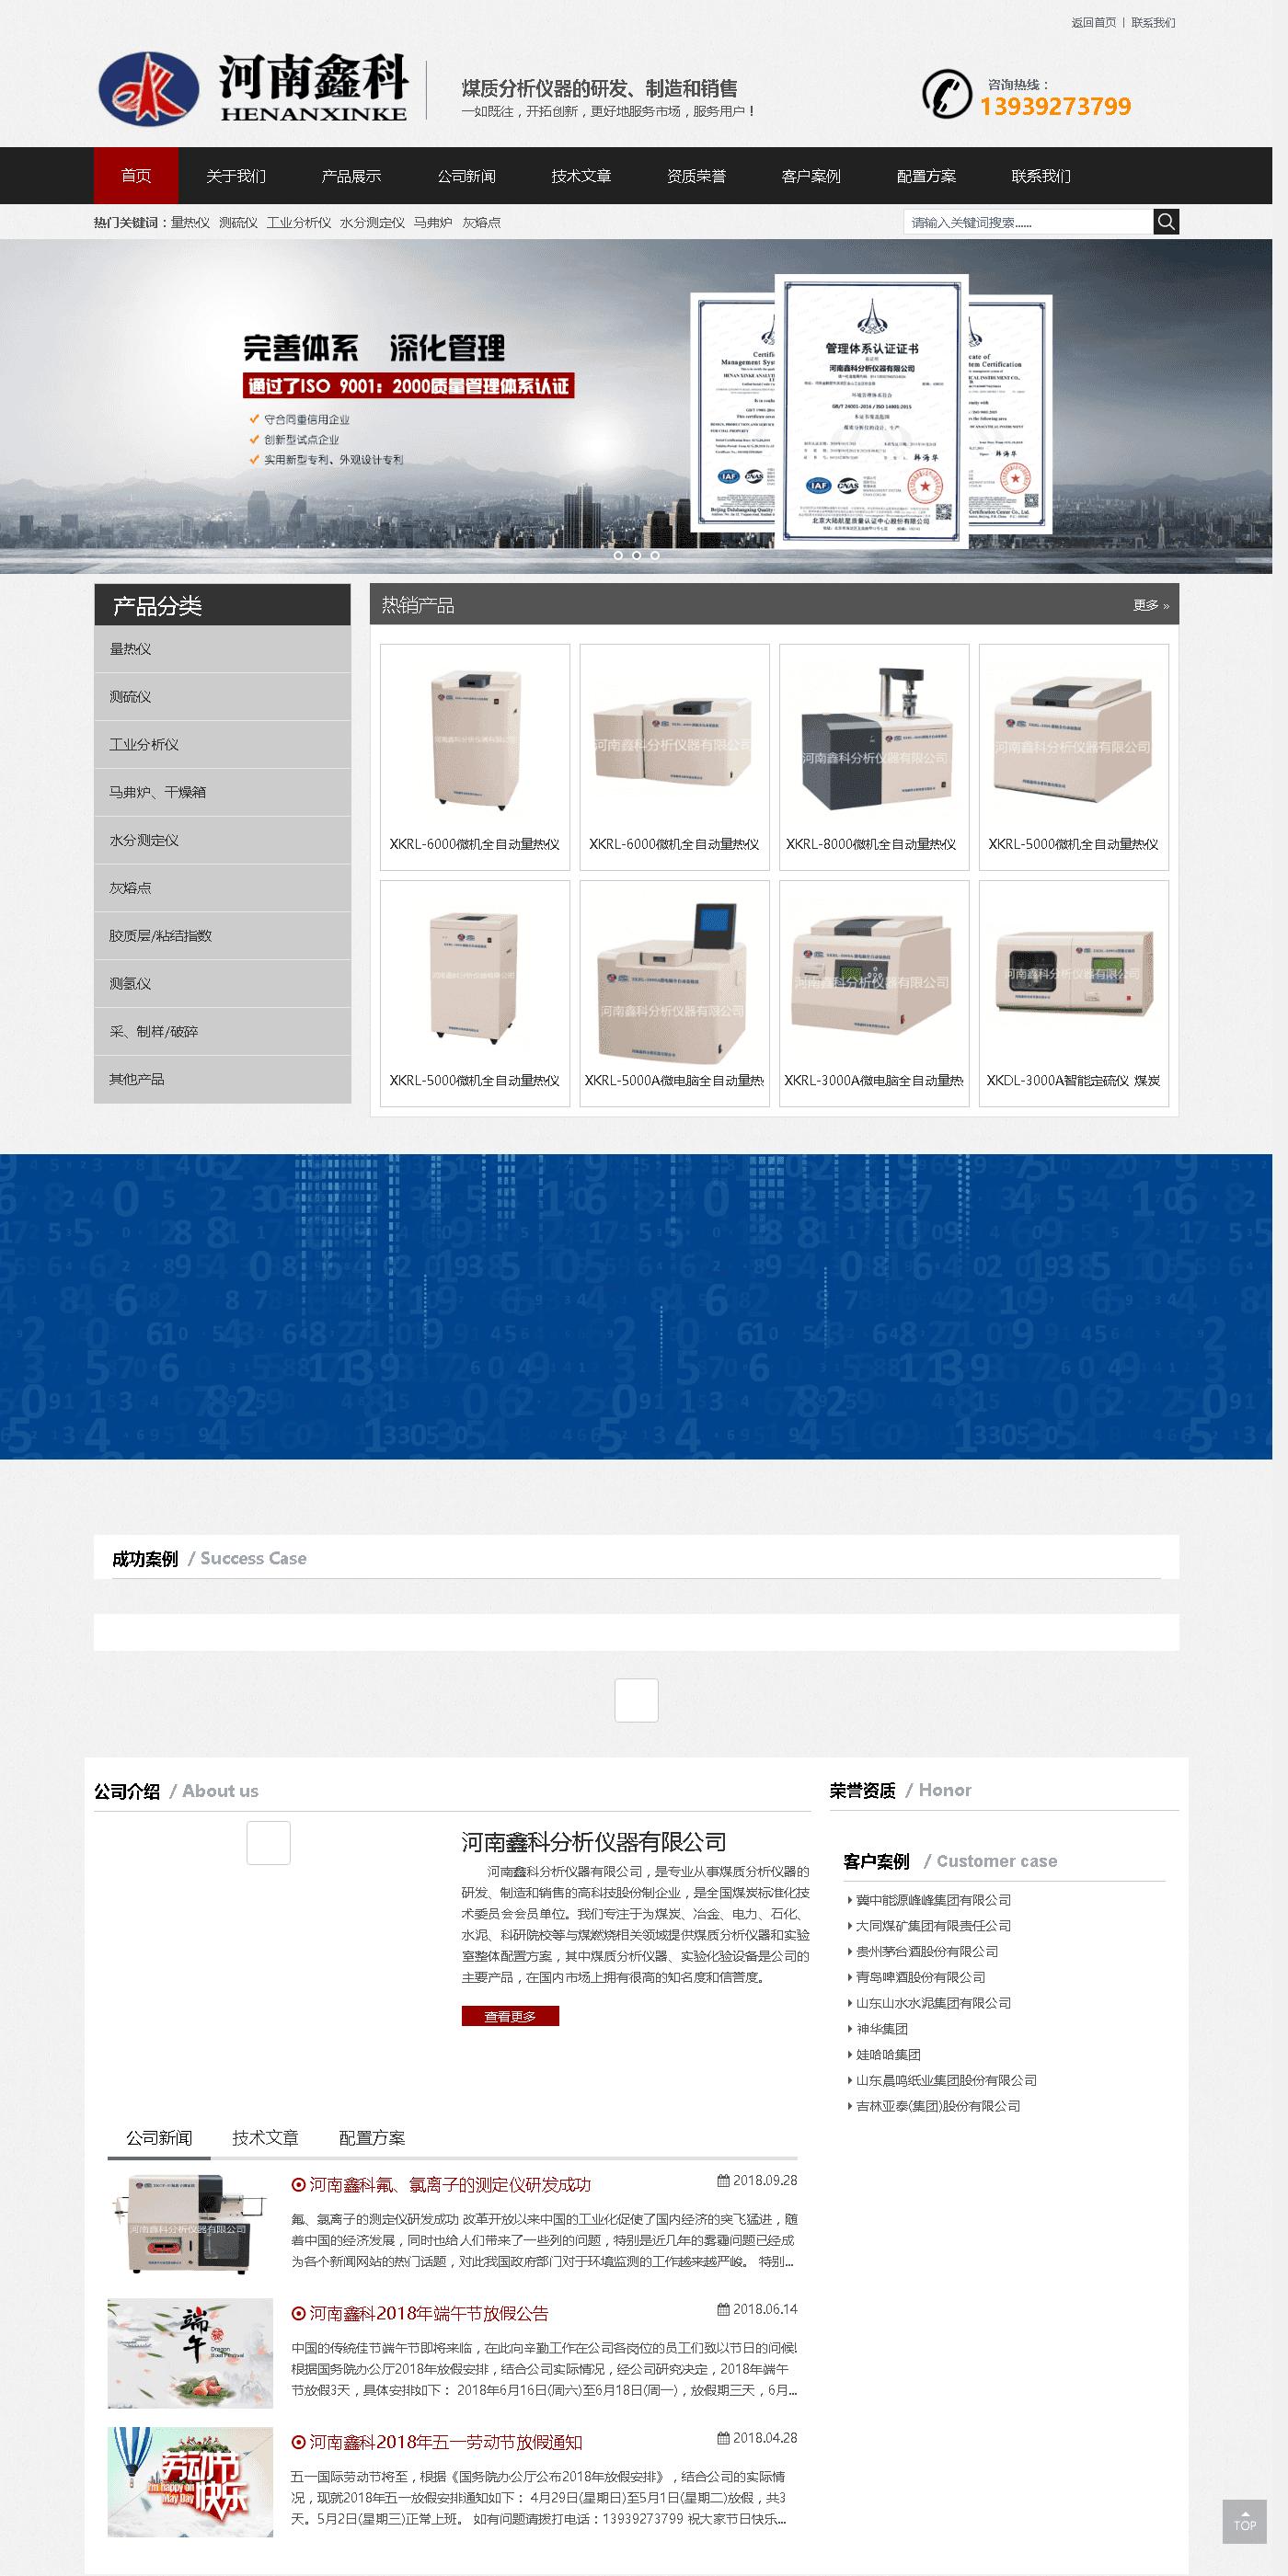 河南鑫科分析仪器有限公司